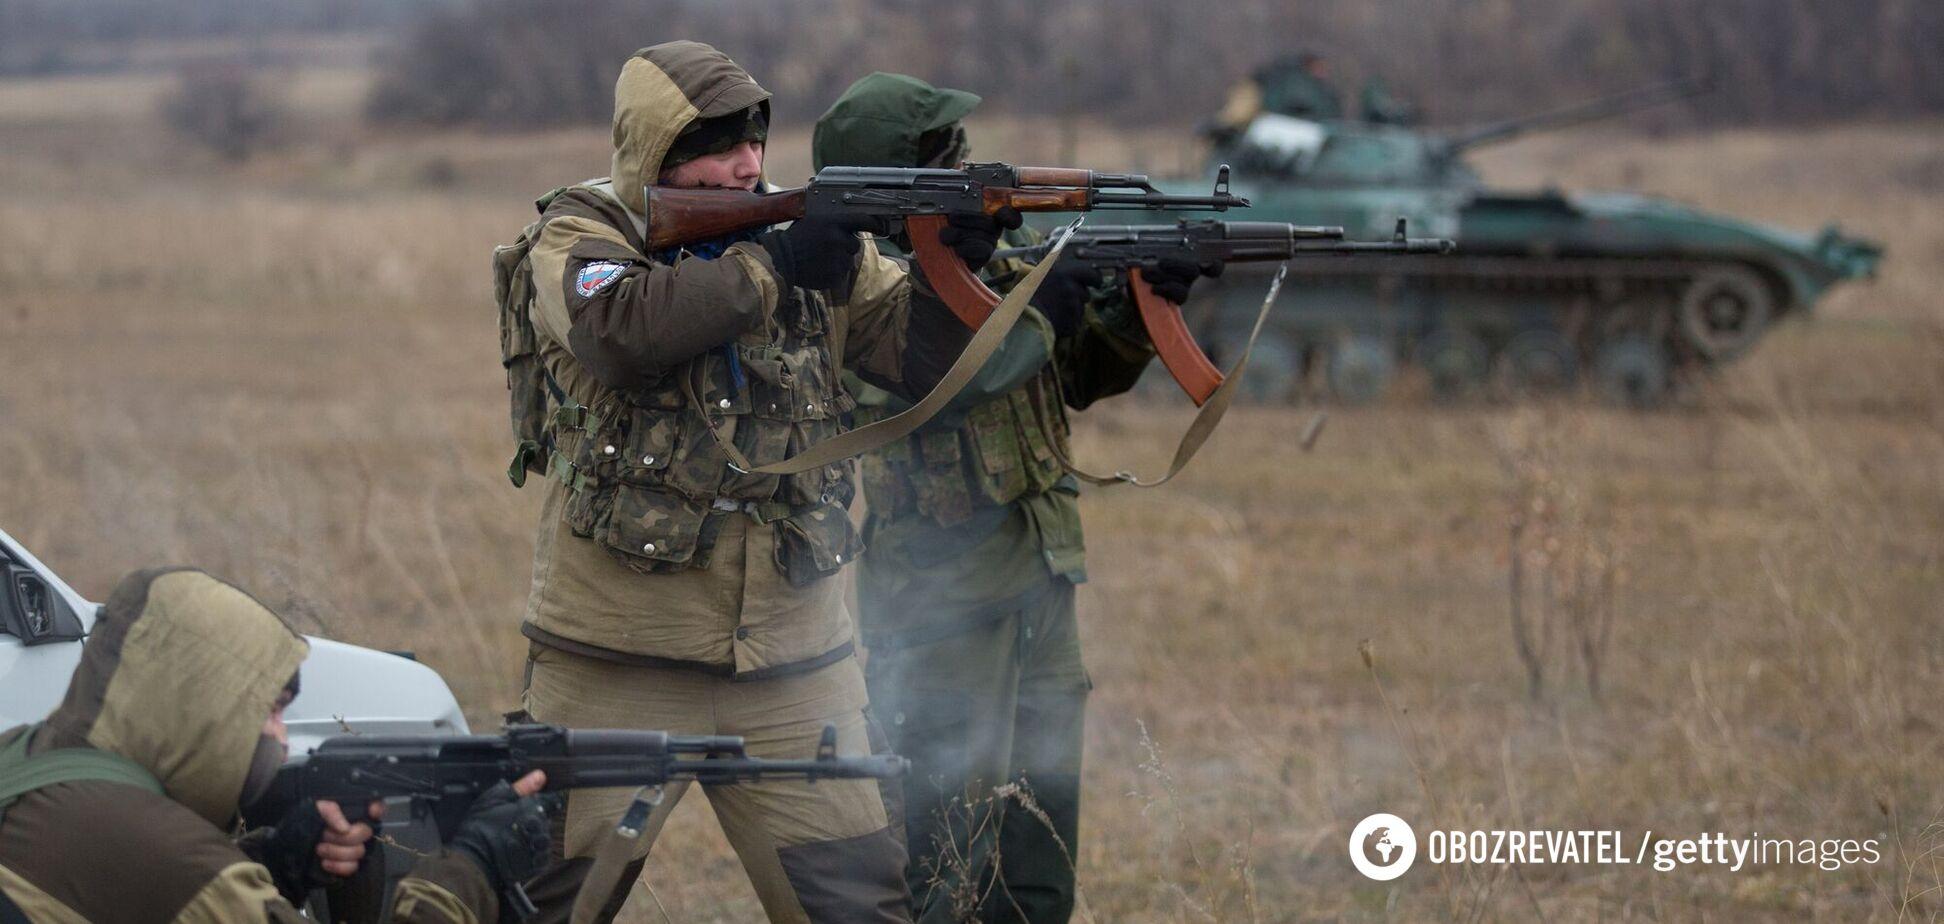 Иловайская трагедия: Украина обратилась в Гаагу, обвинив Россию в убийствах украинских военных